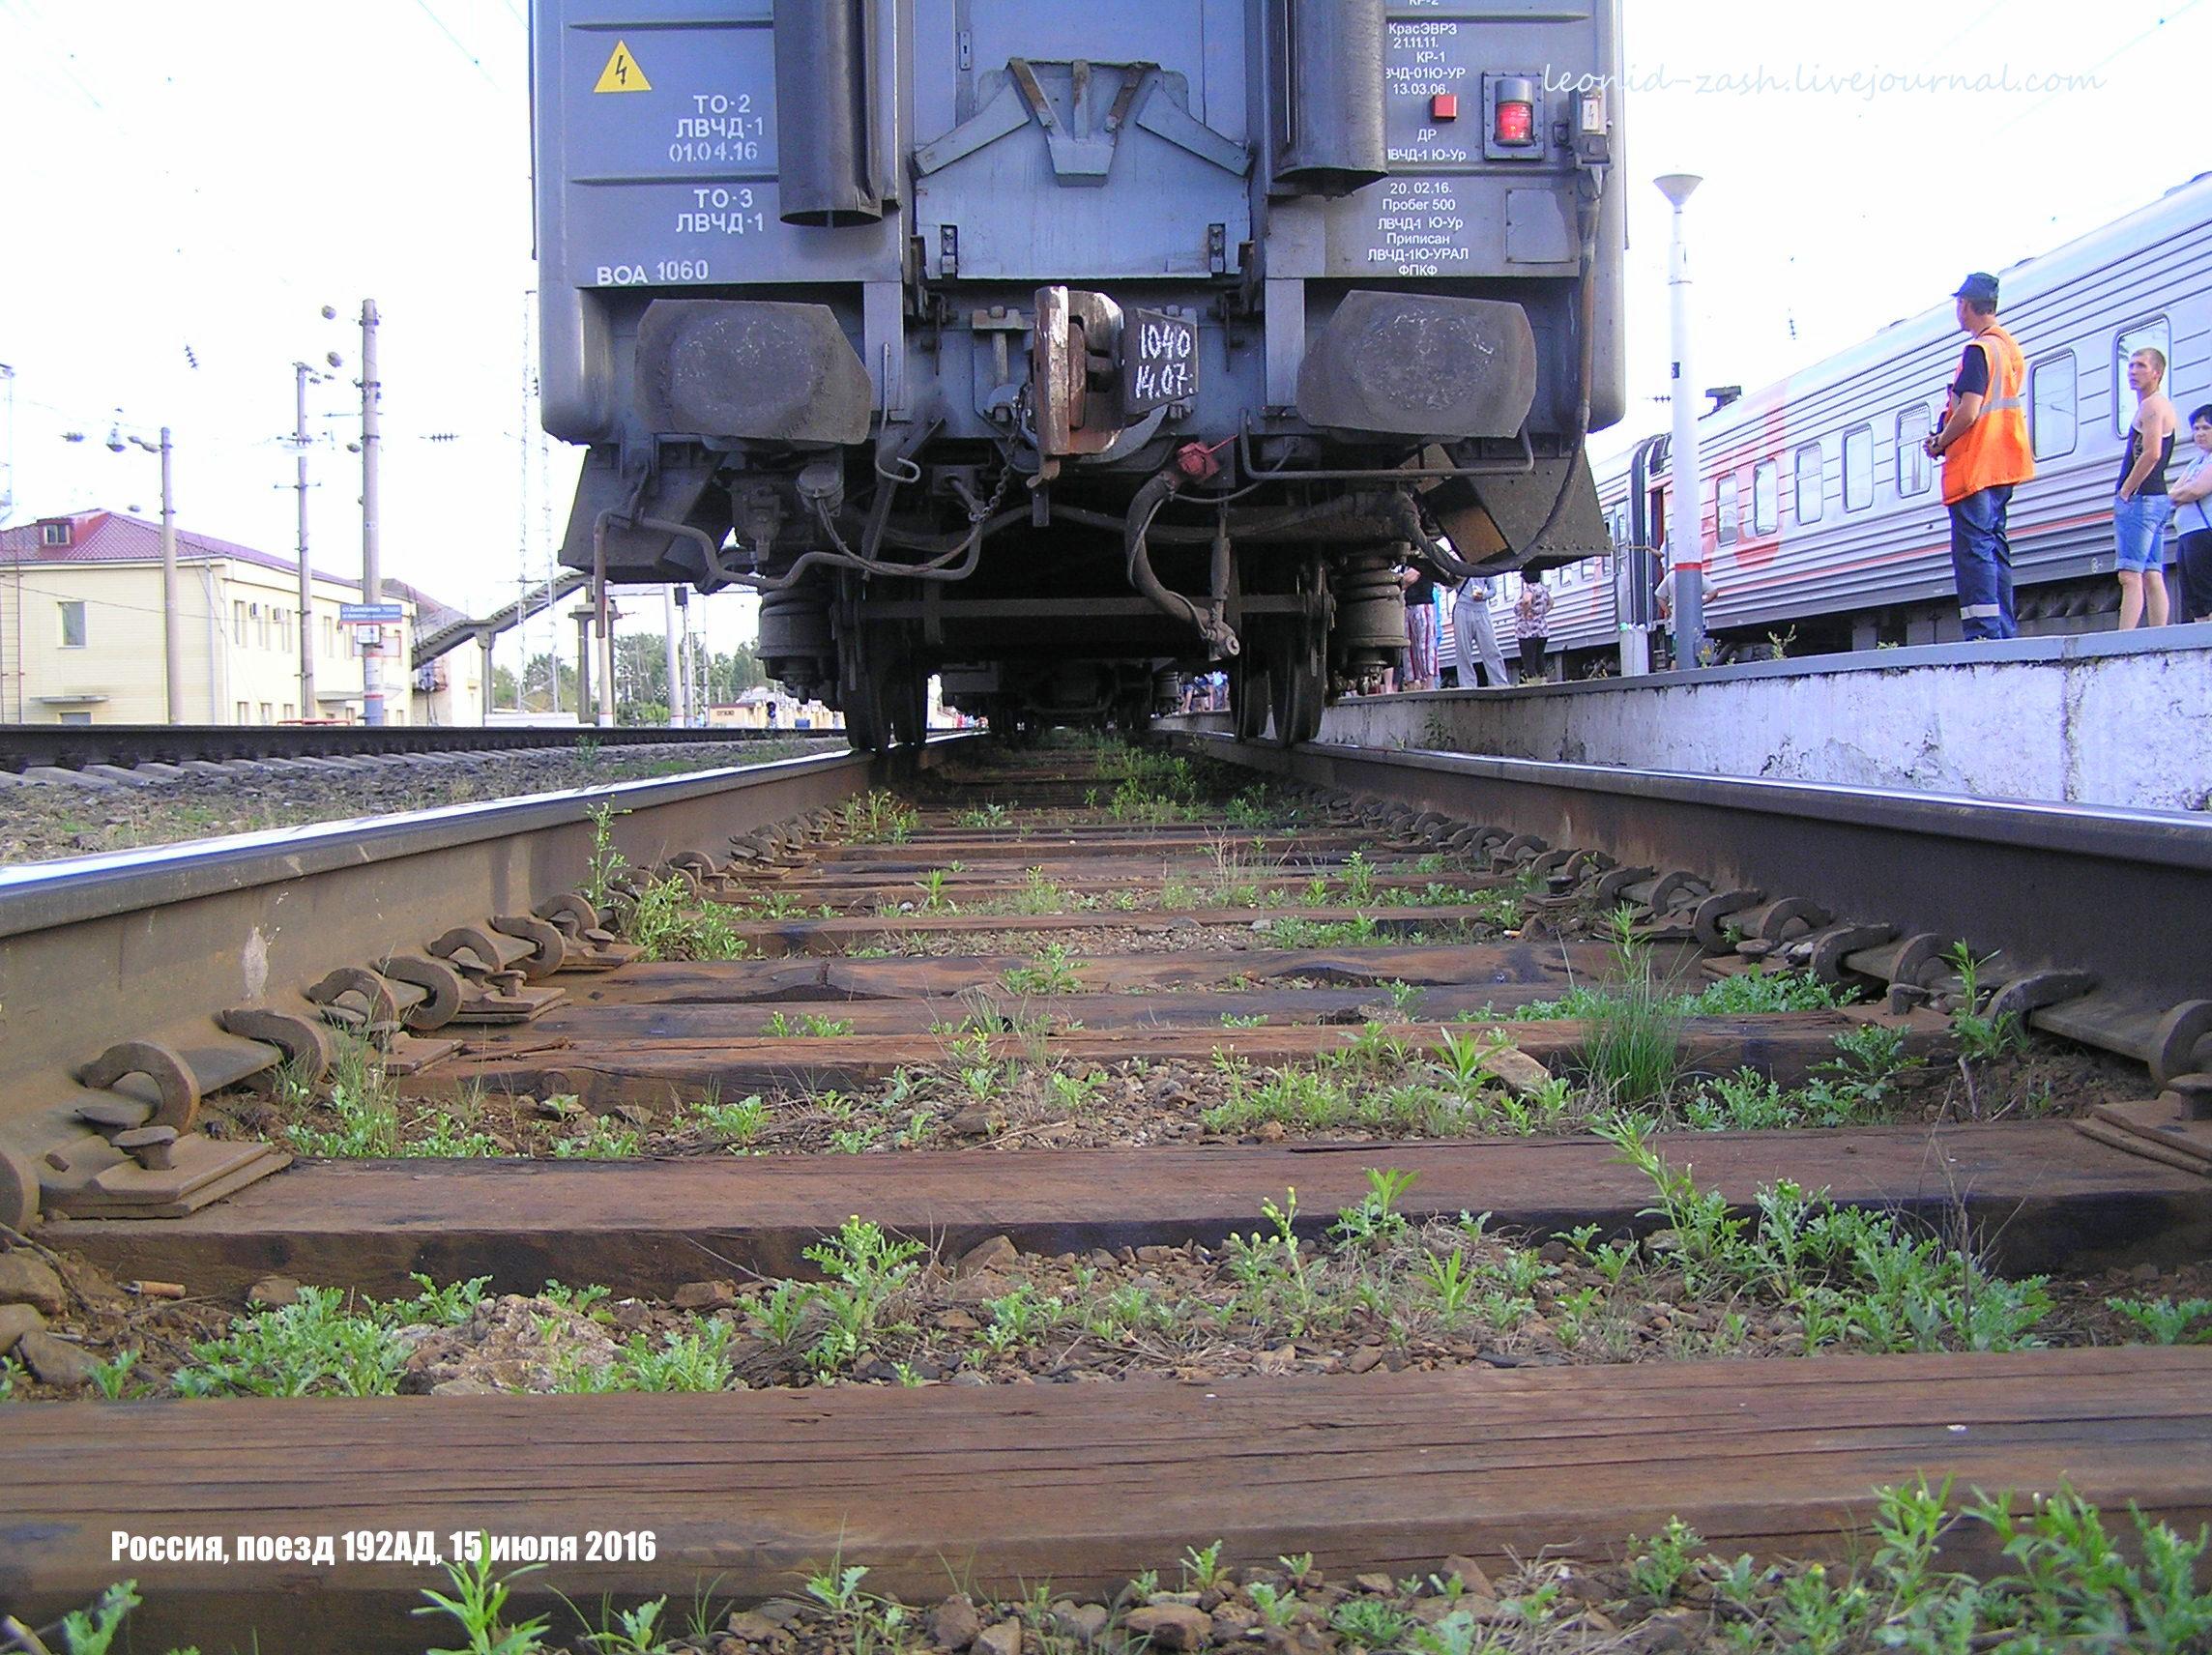 РЖД поезд 192АД 61.JPG